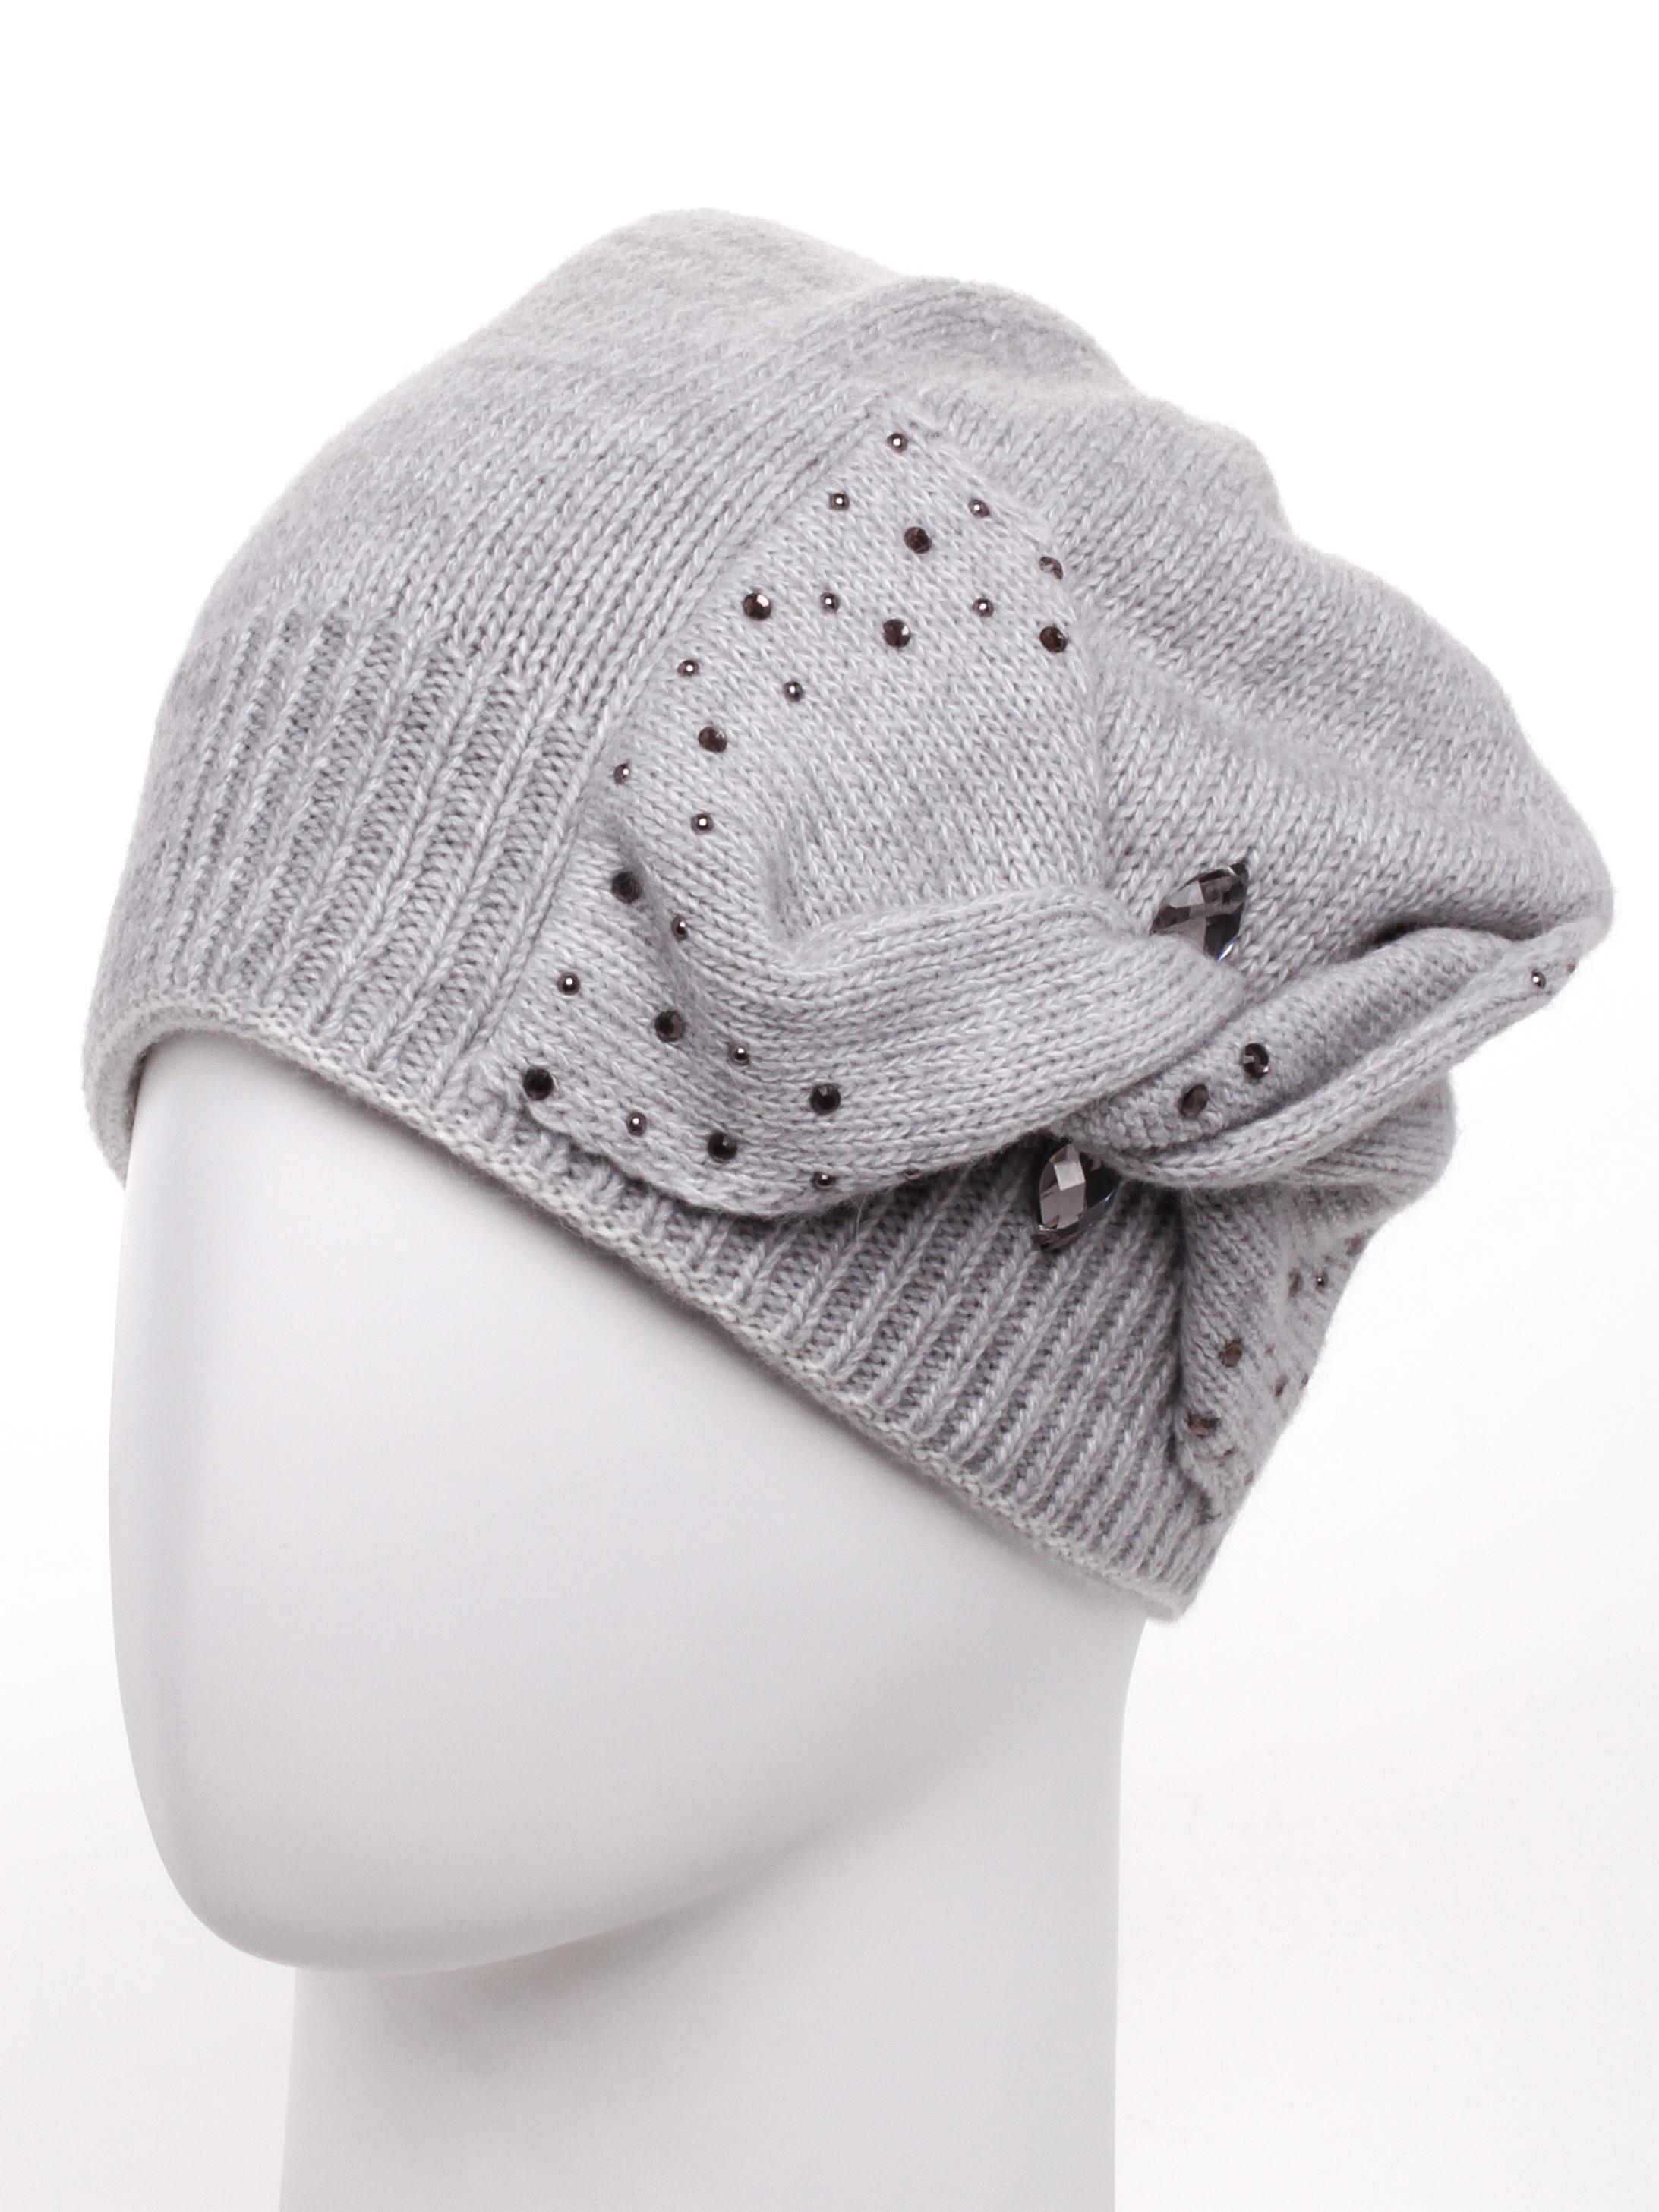 ШапкаШапки<br>Стильная шапка защитит Вас от непогоды и станет прекрасным дополнением Вашего образа.  В изделии использованы цвета: серый<br><br>По материалу: Вязаные<br>По рисунку: Однотонные<br>По элементам: С декором<br>По сезону: Зима<br>Размер : universal<br>Материал: Вязаное полотно<br>Количество в наличии: 1